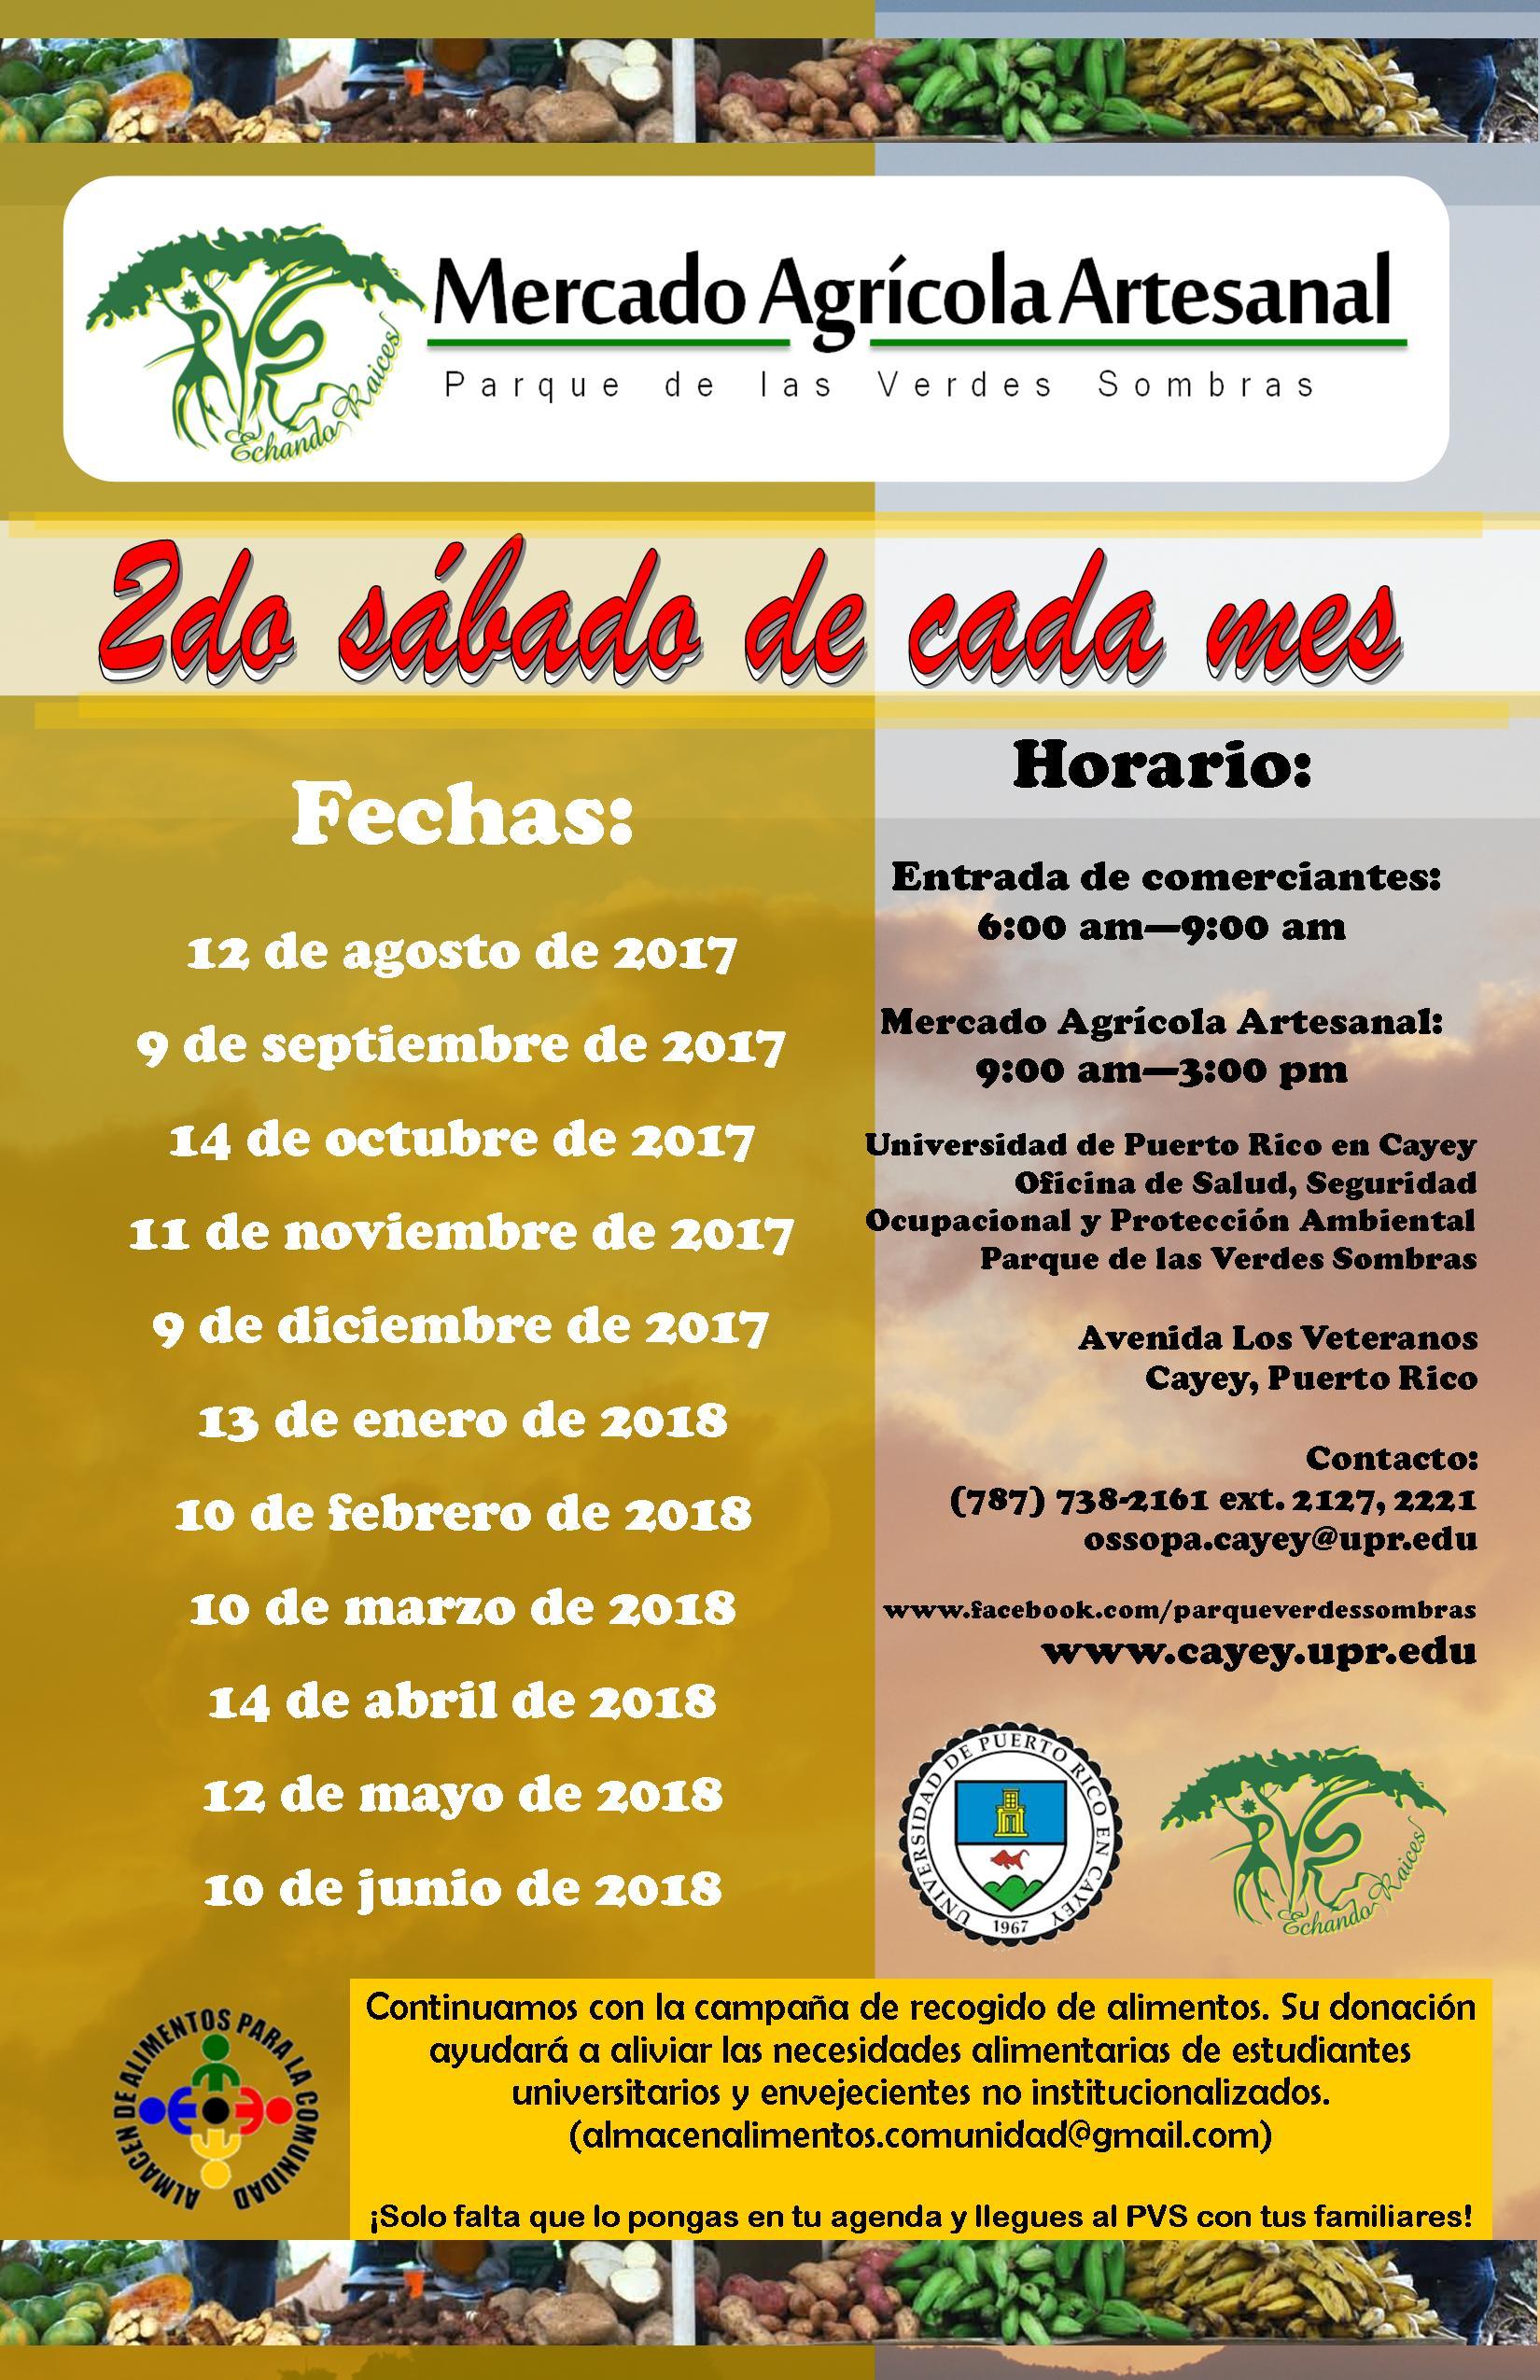 Mercado Agrícola Artesanal Nuevas Fechas Universidad De Puerto